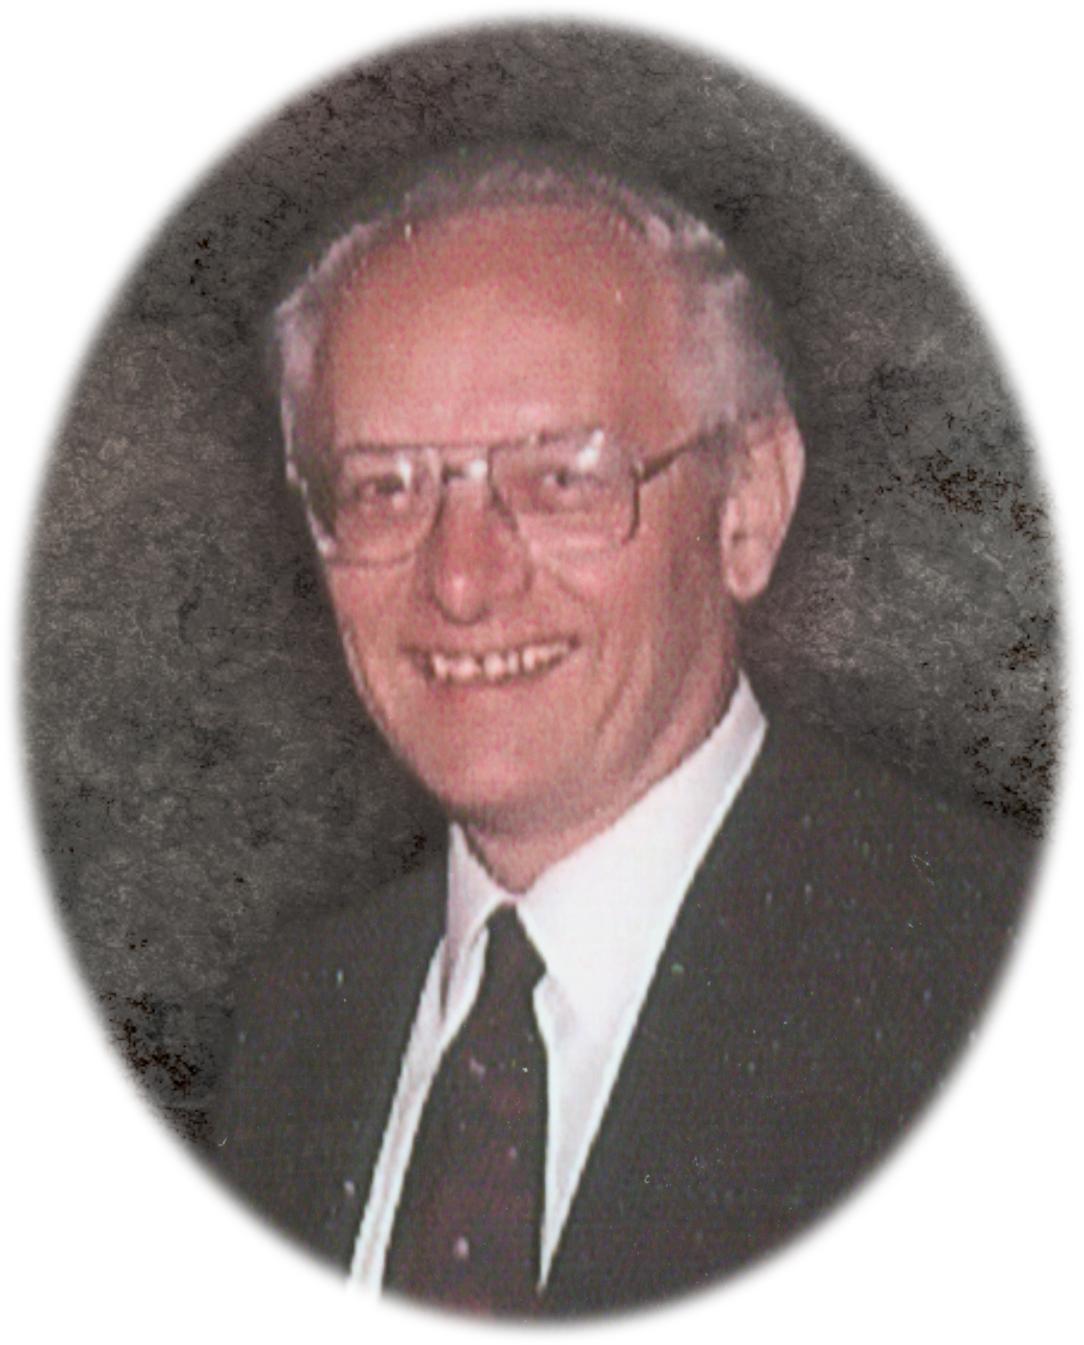 John D. Mettlen